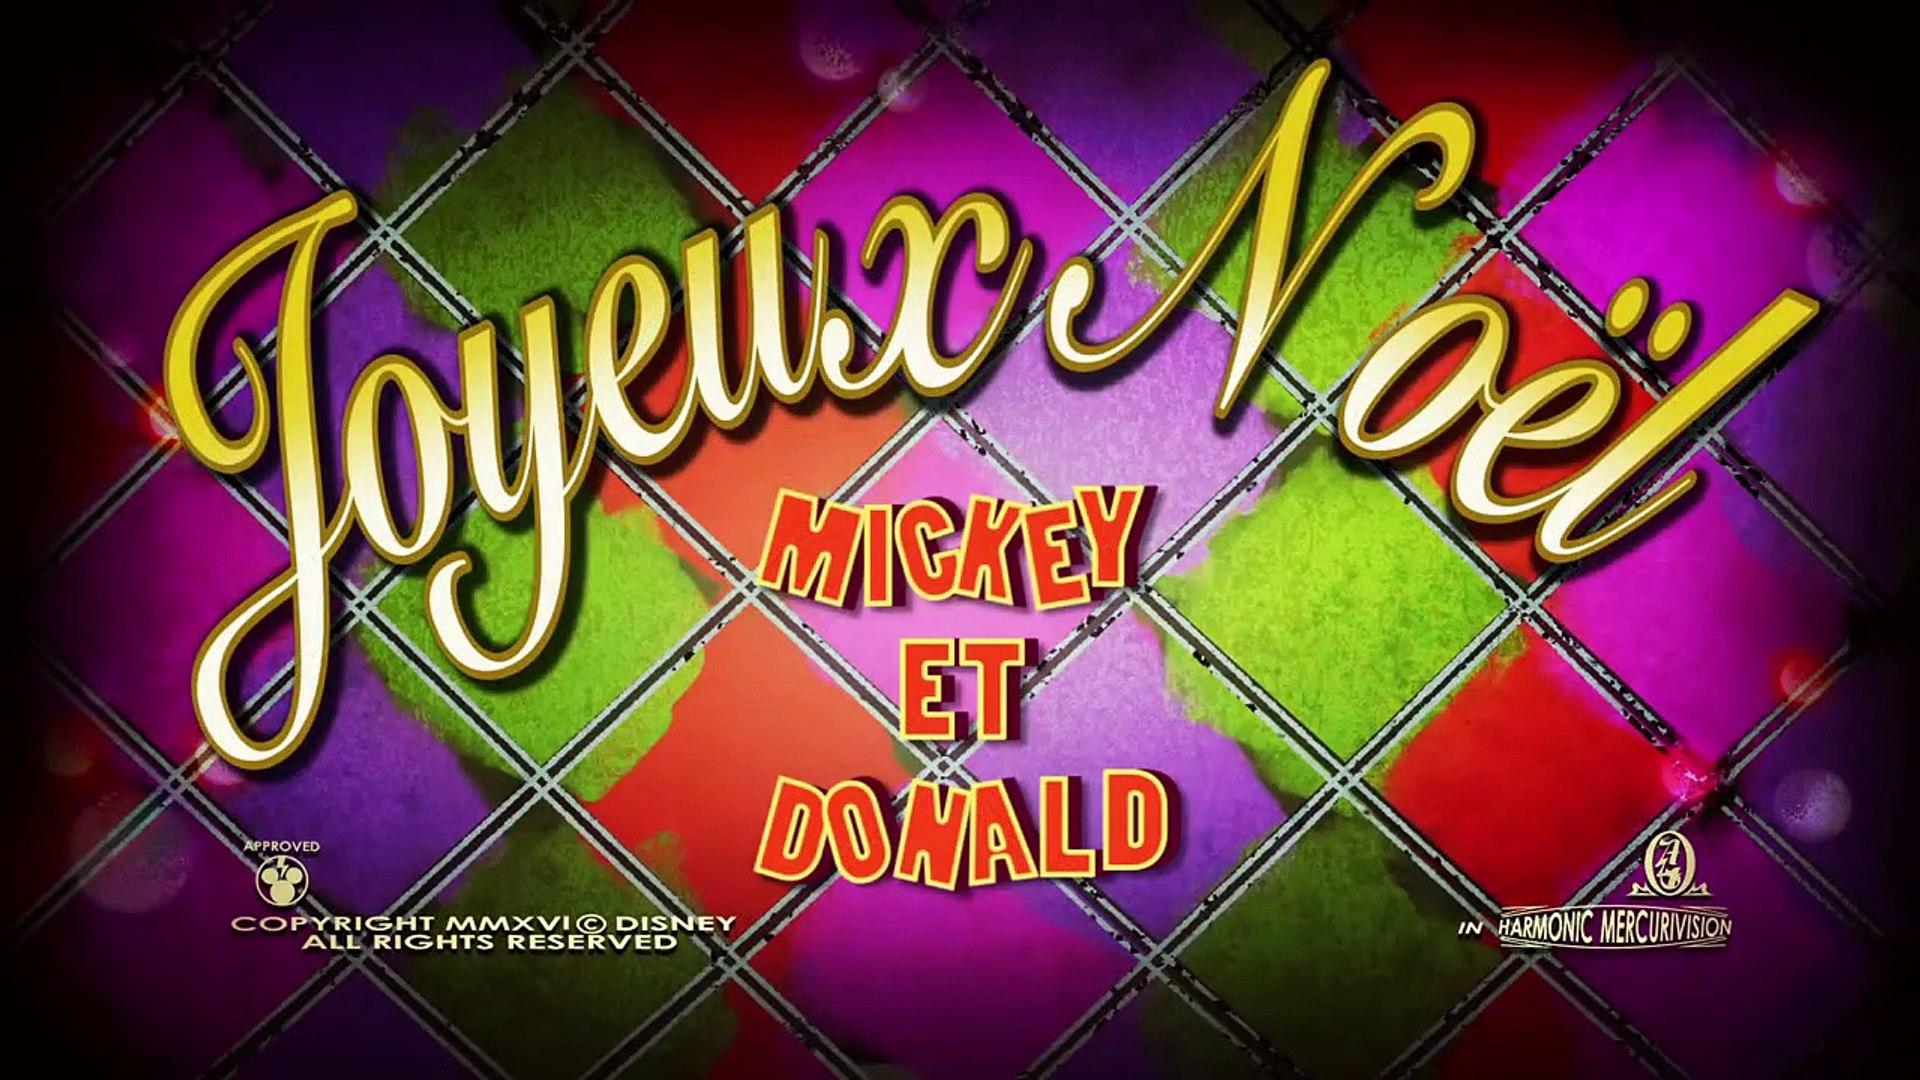 Mickey Mouse  - Joyeux Noël Mickey et Donald - Premières minutes-KHT